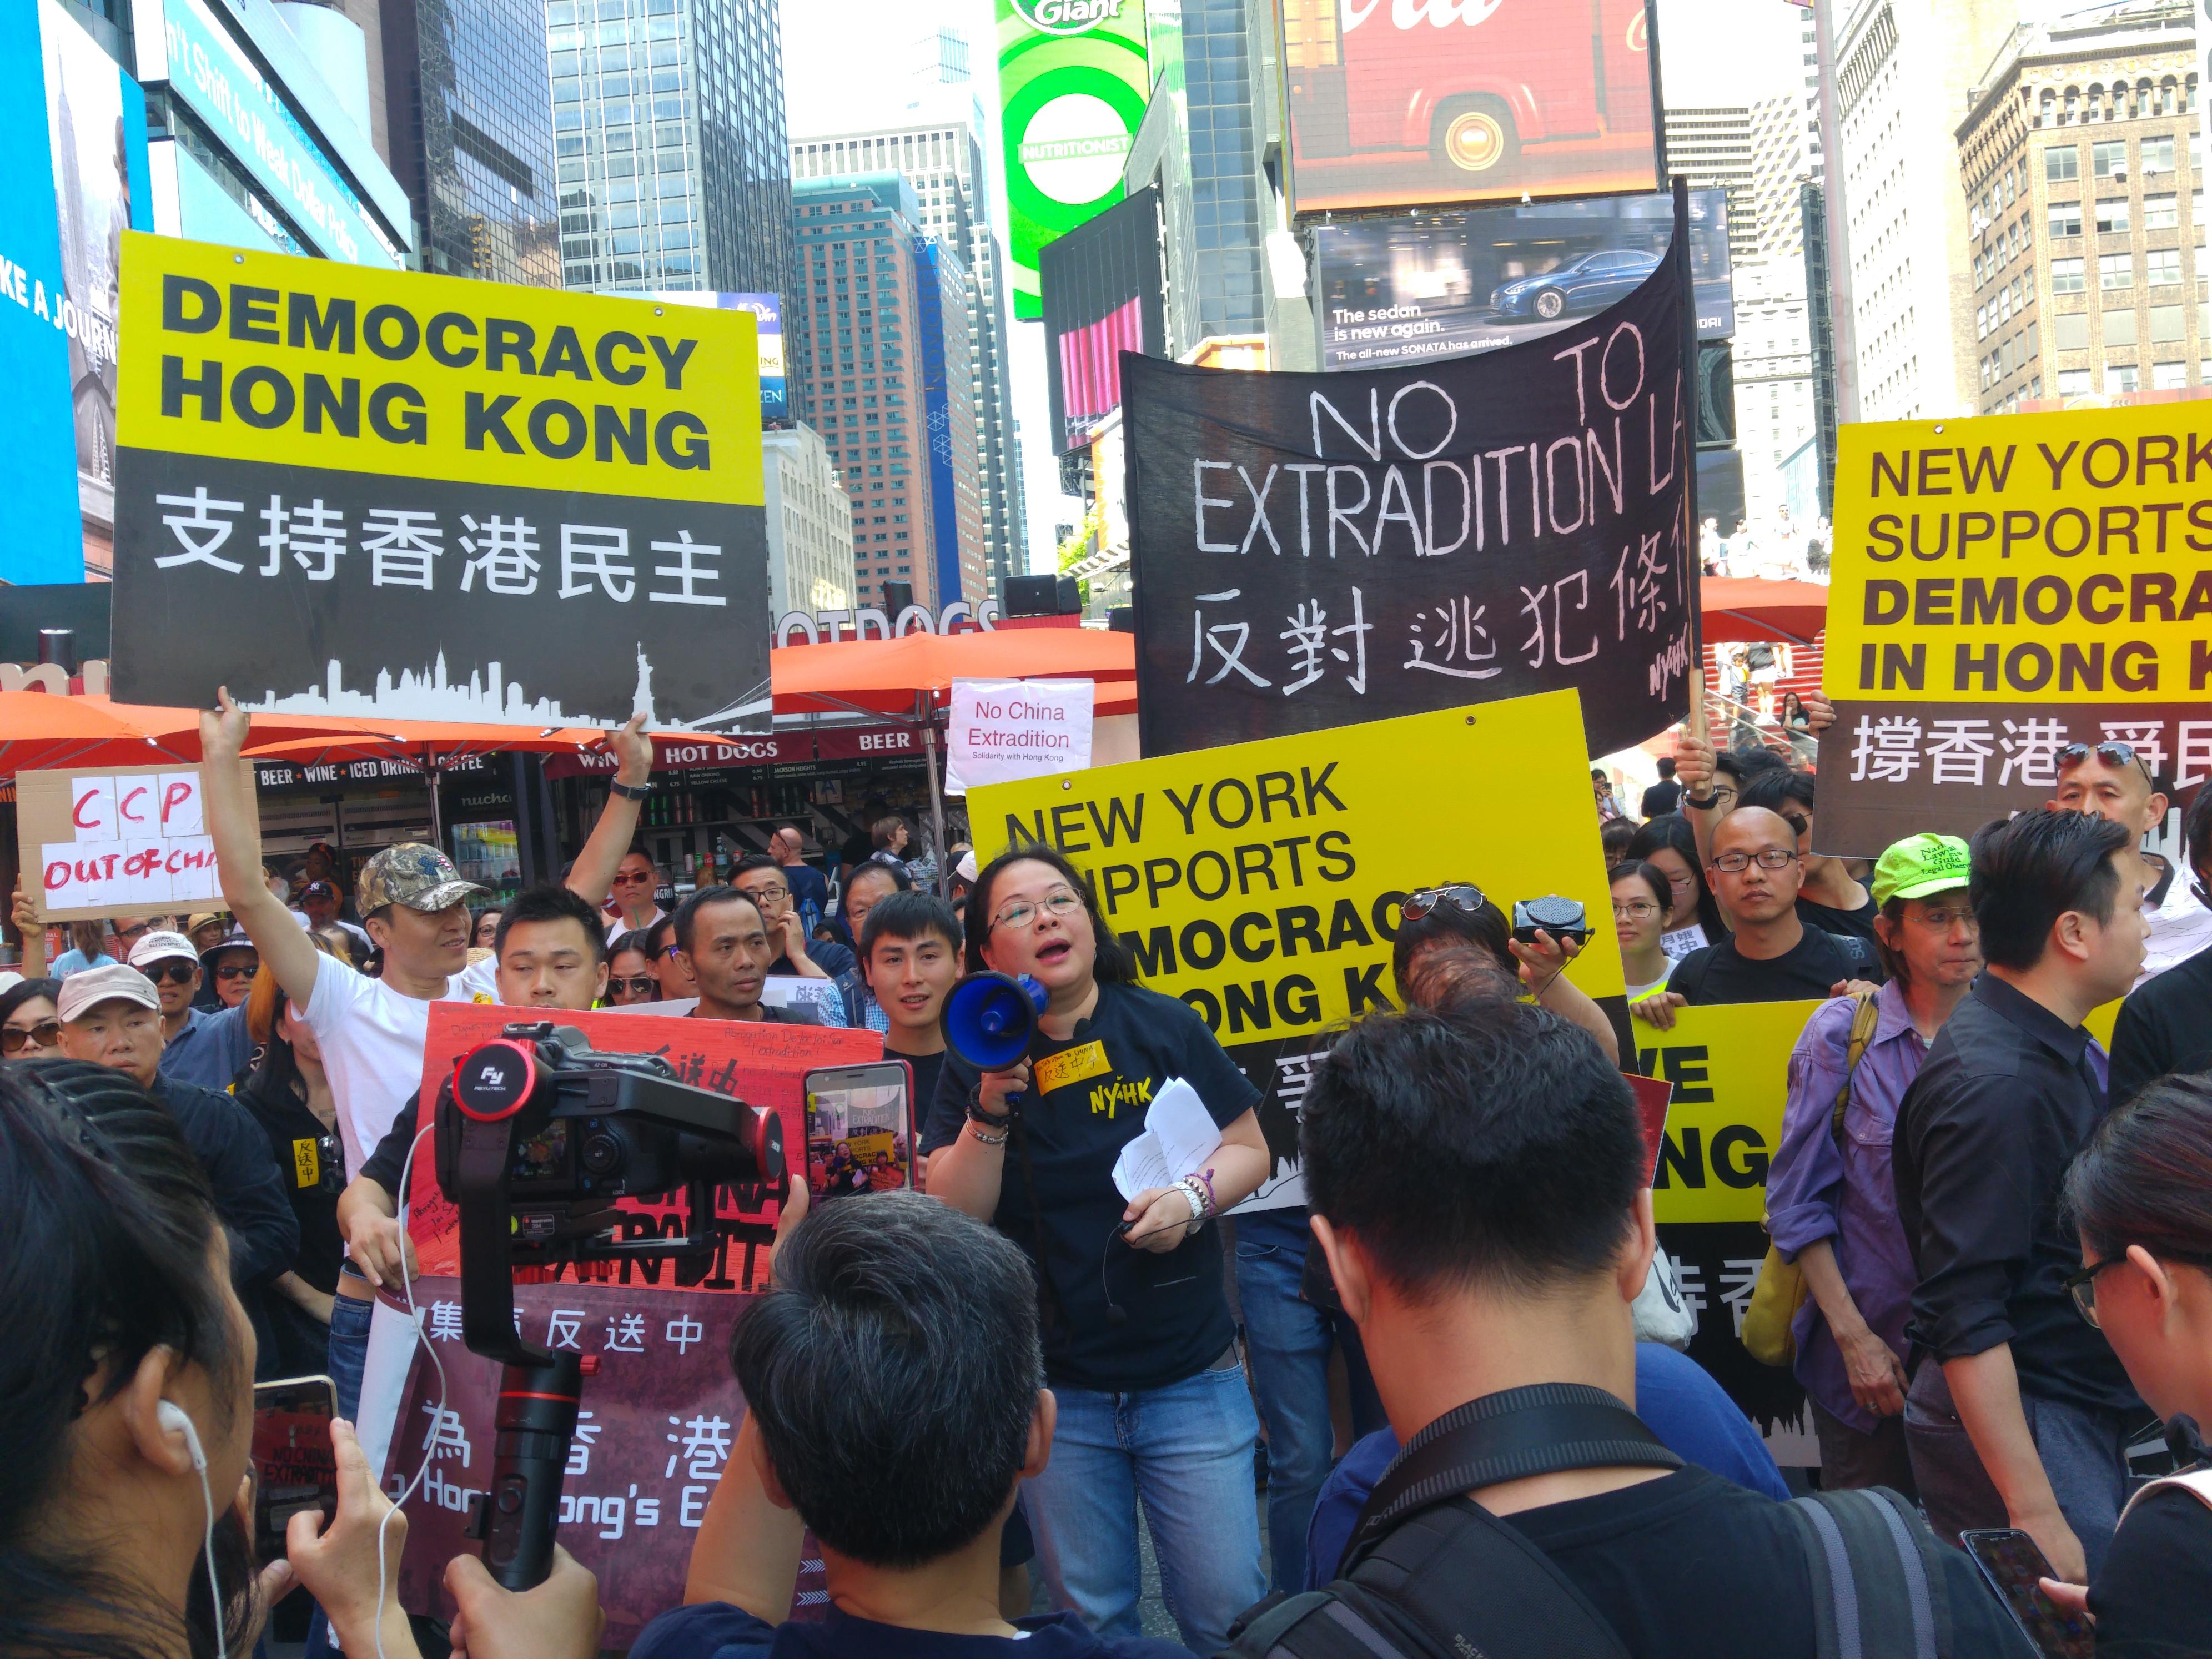 紐約港人聚集時代廣場聲援香港反「送中」法律。中間持話筒者為活動發言人楊錦霞博士。(王黎維/大紀元)